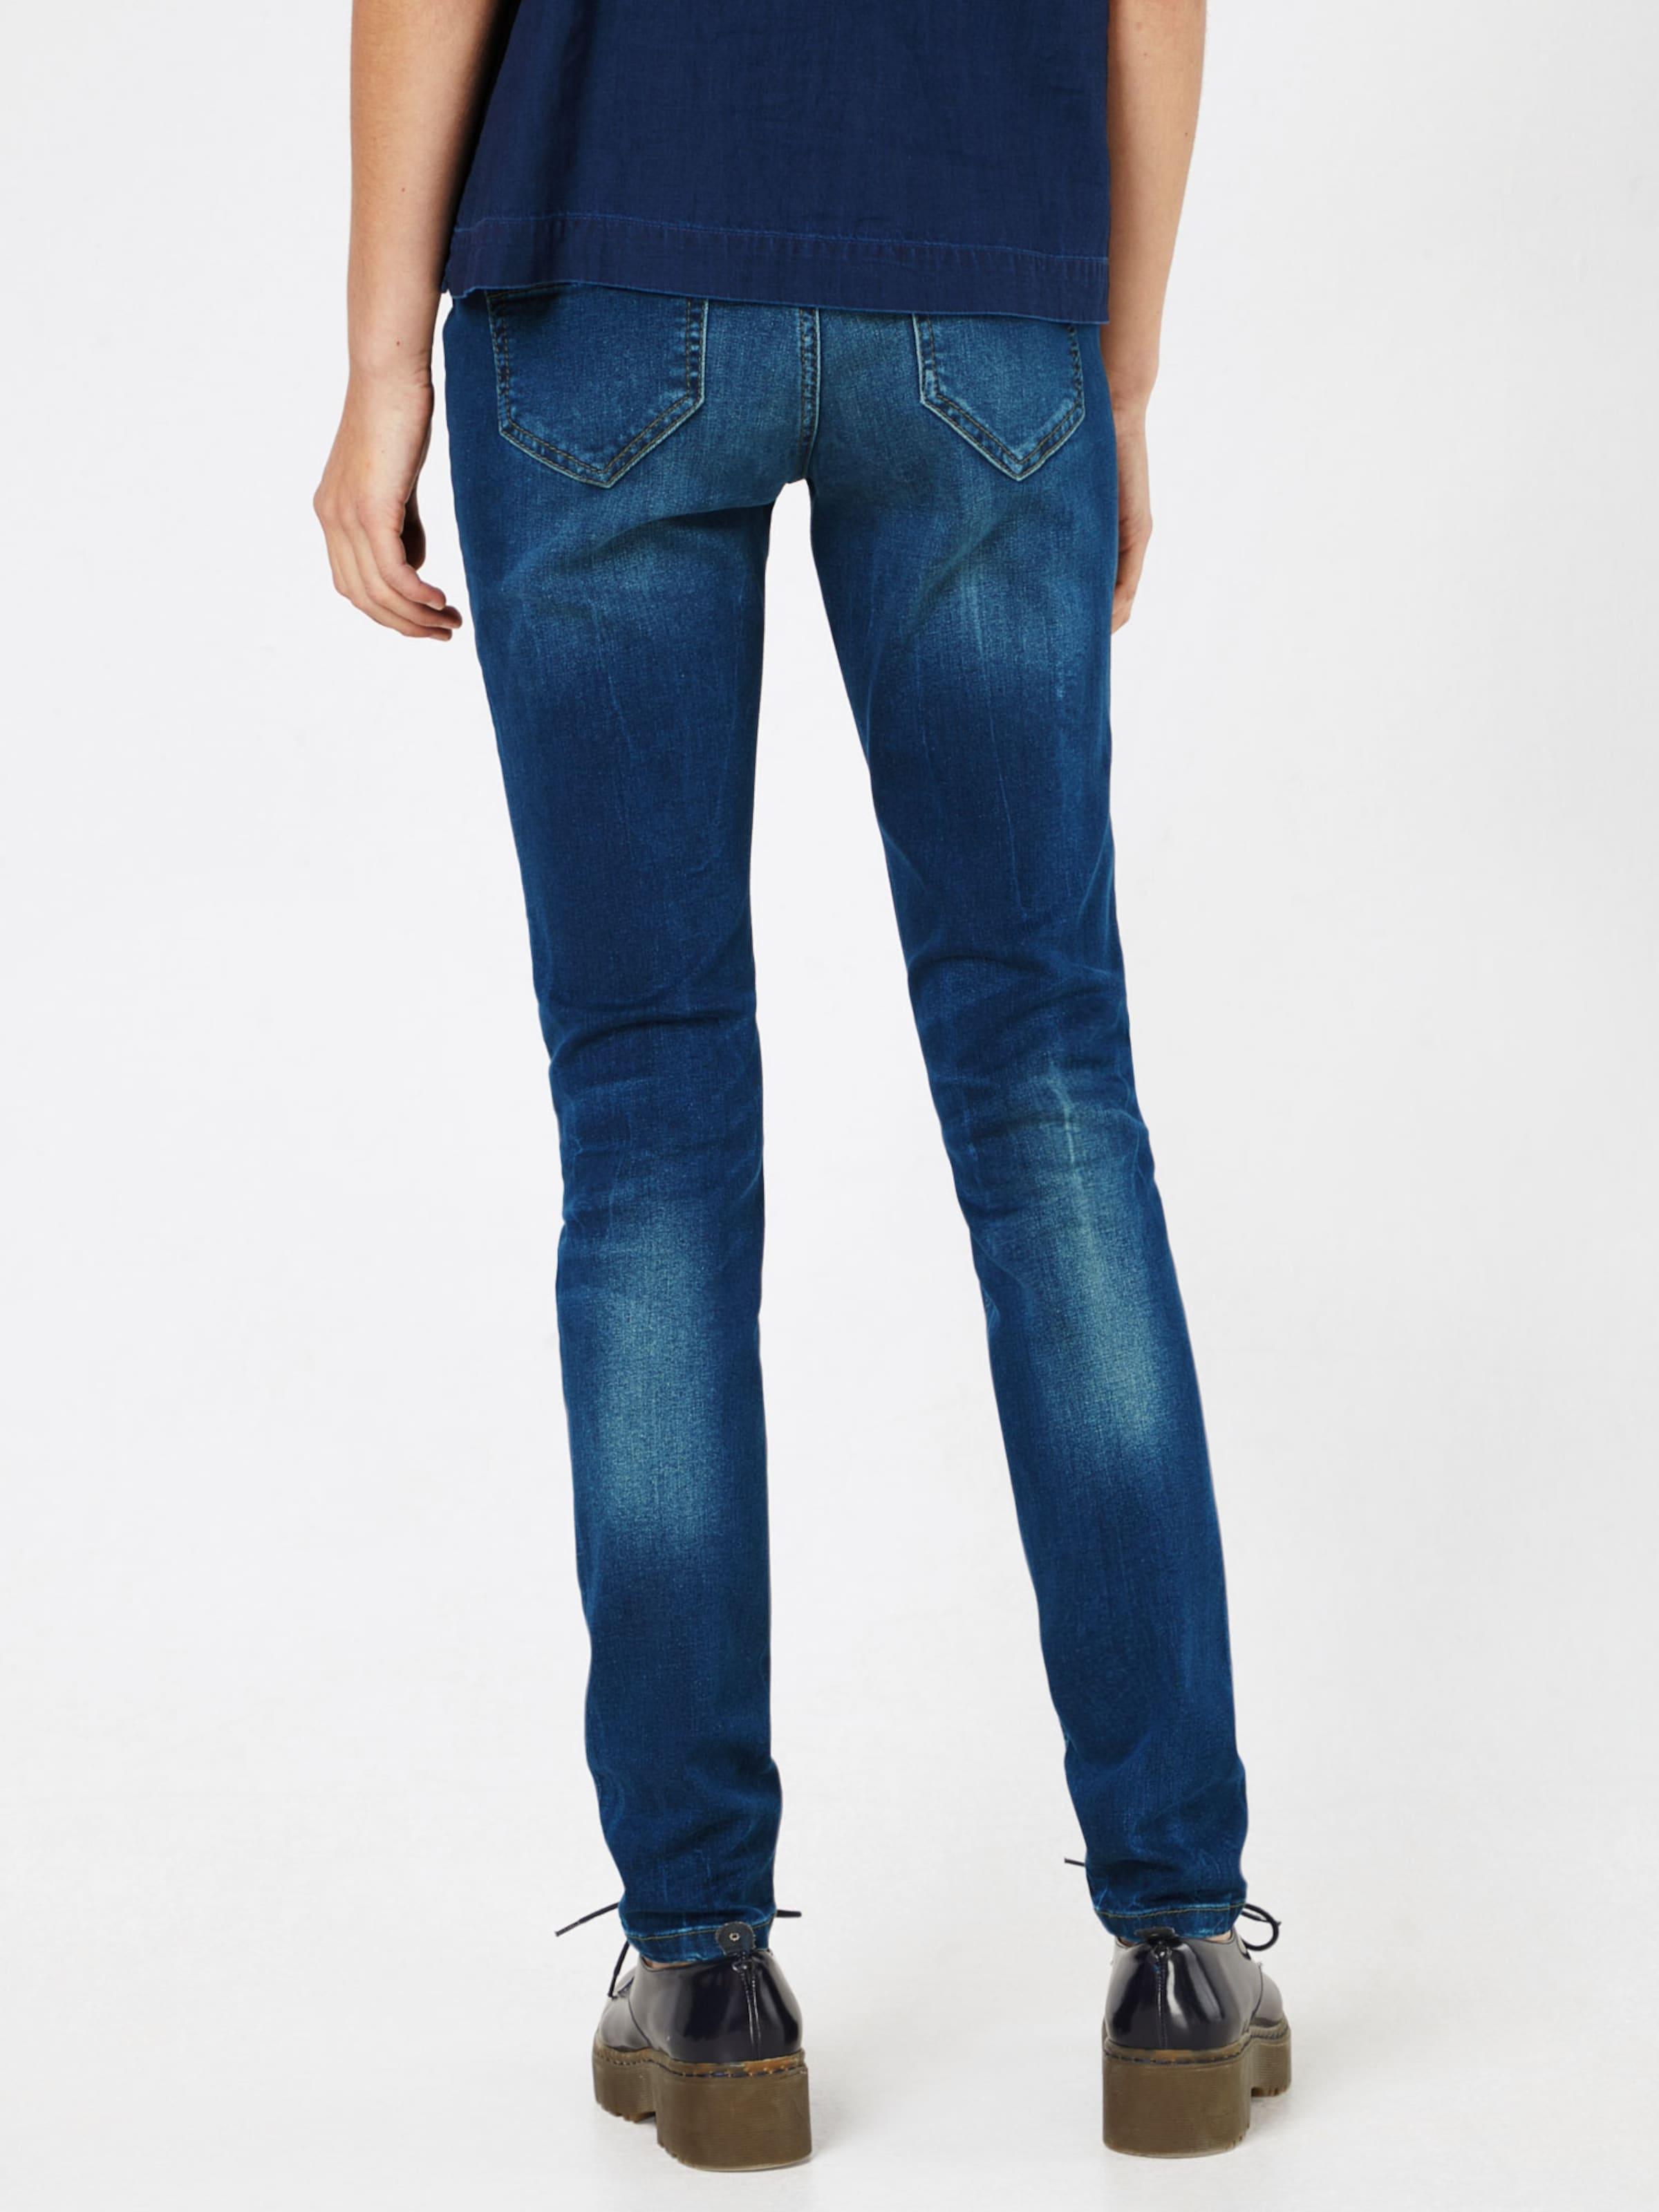 Fritzi Aus Preußen In Jeans Denim Blue 0wPOkn8